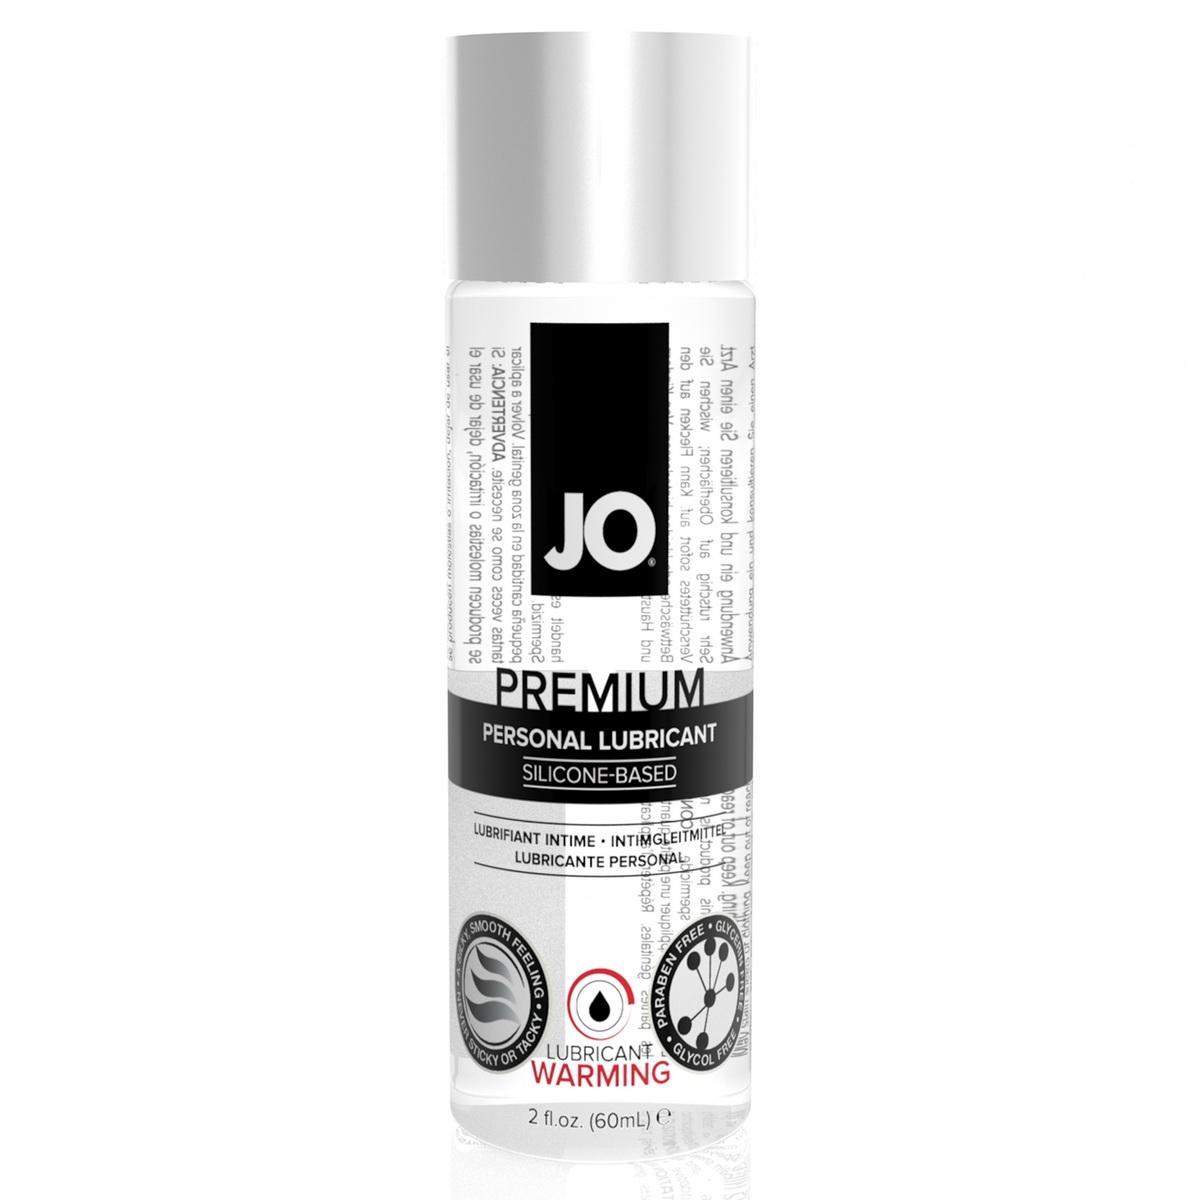 Silikonový hřejivý lubrikant JO (75 ml)